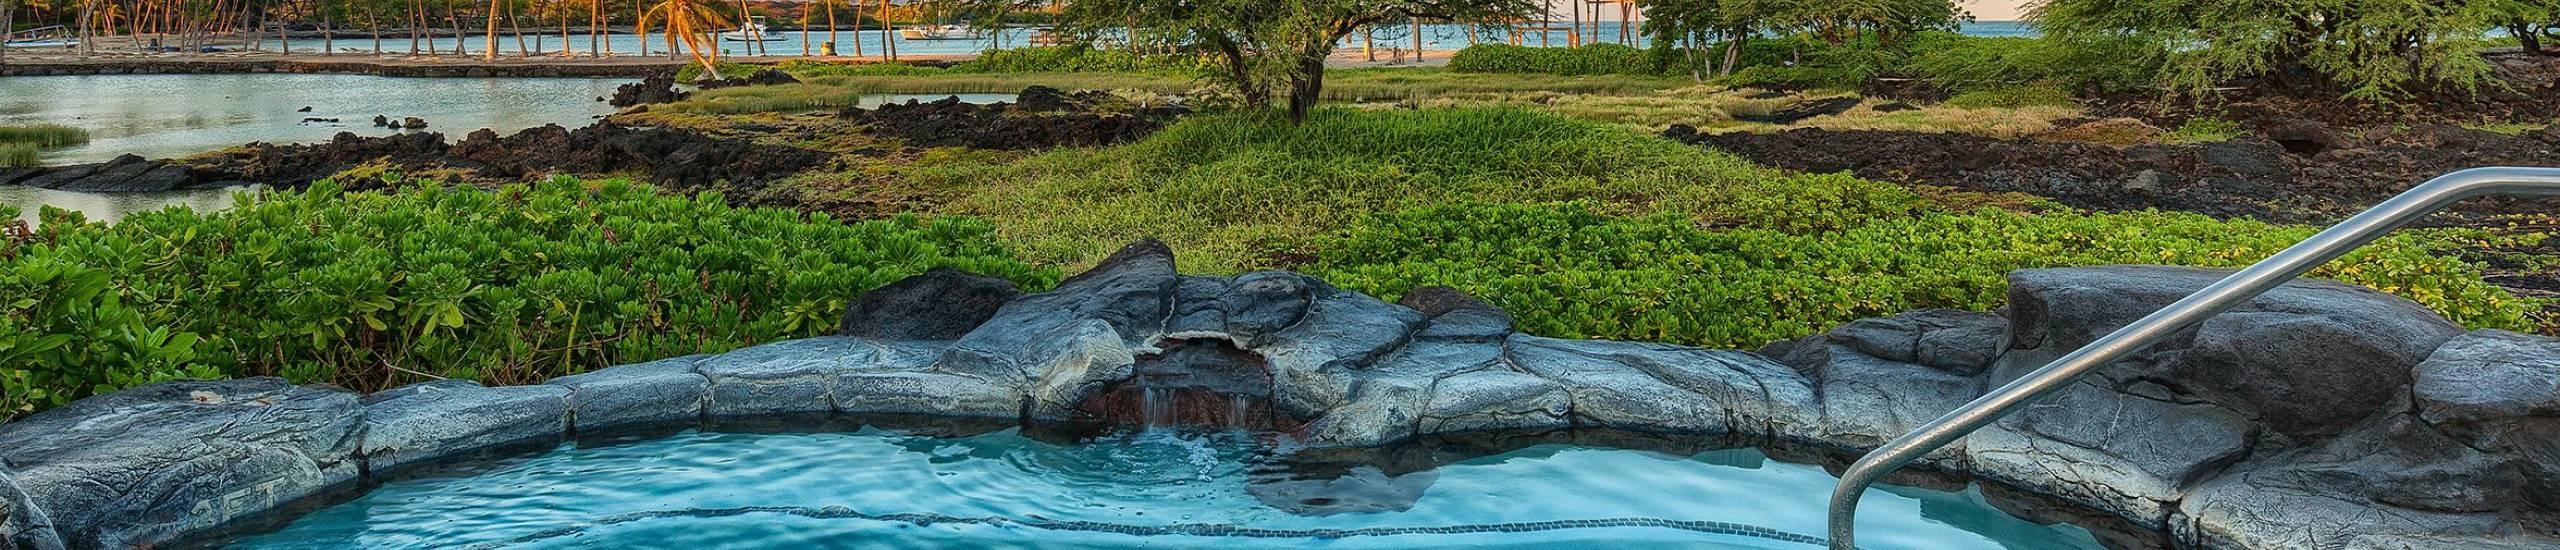 Kolea at Waikoloa Amenity Center Hot Tub